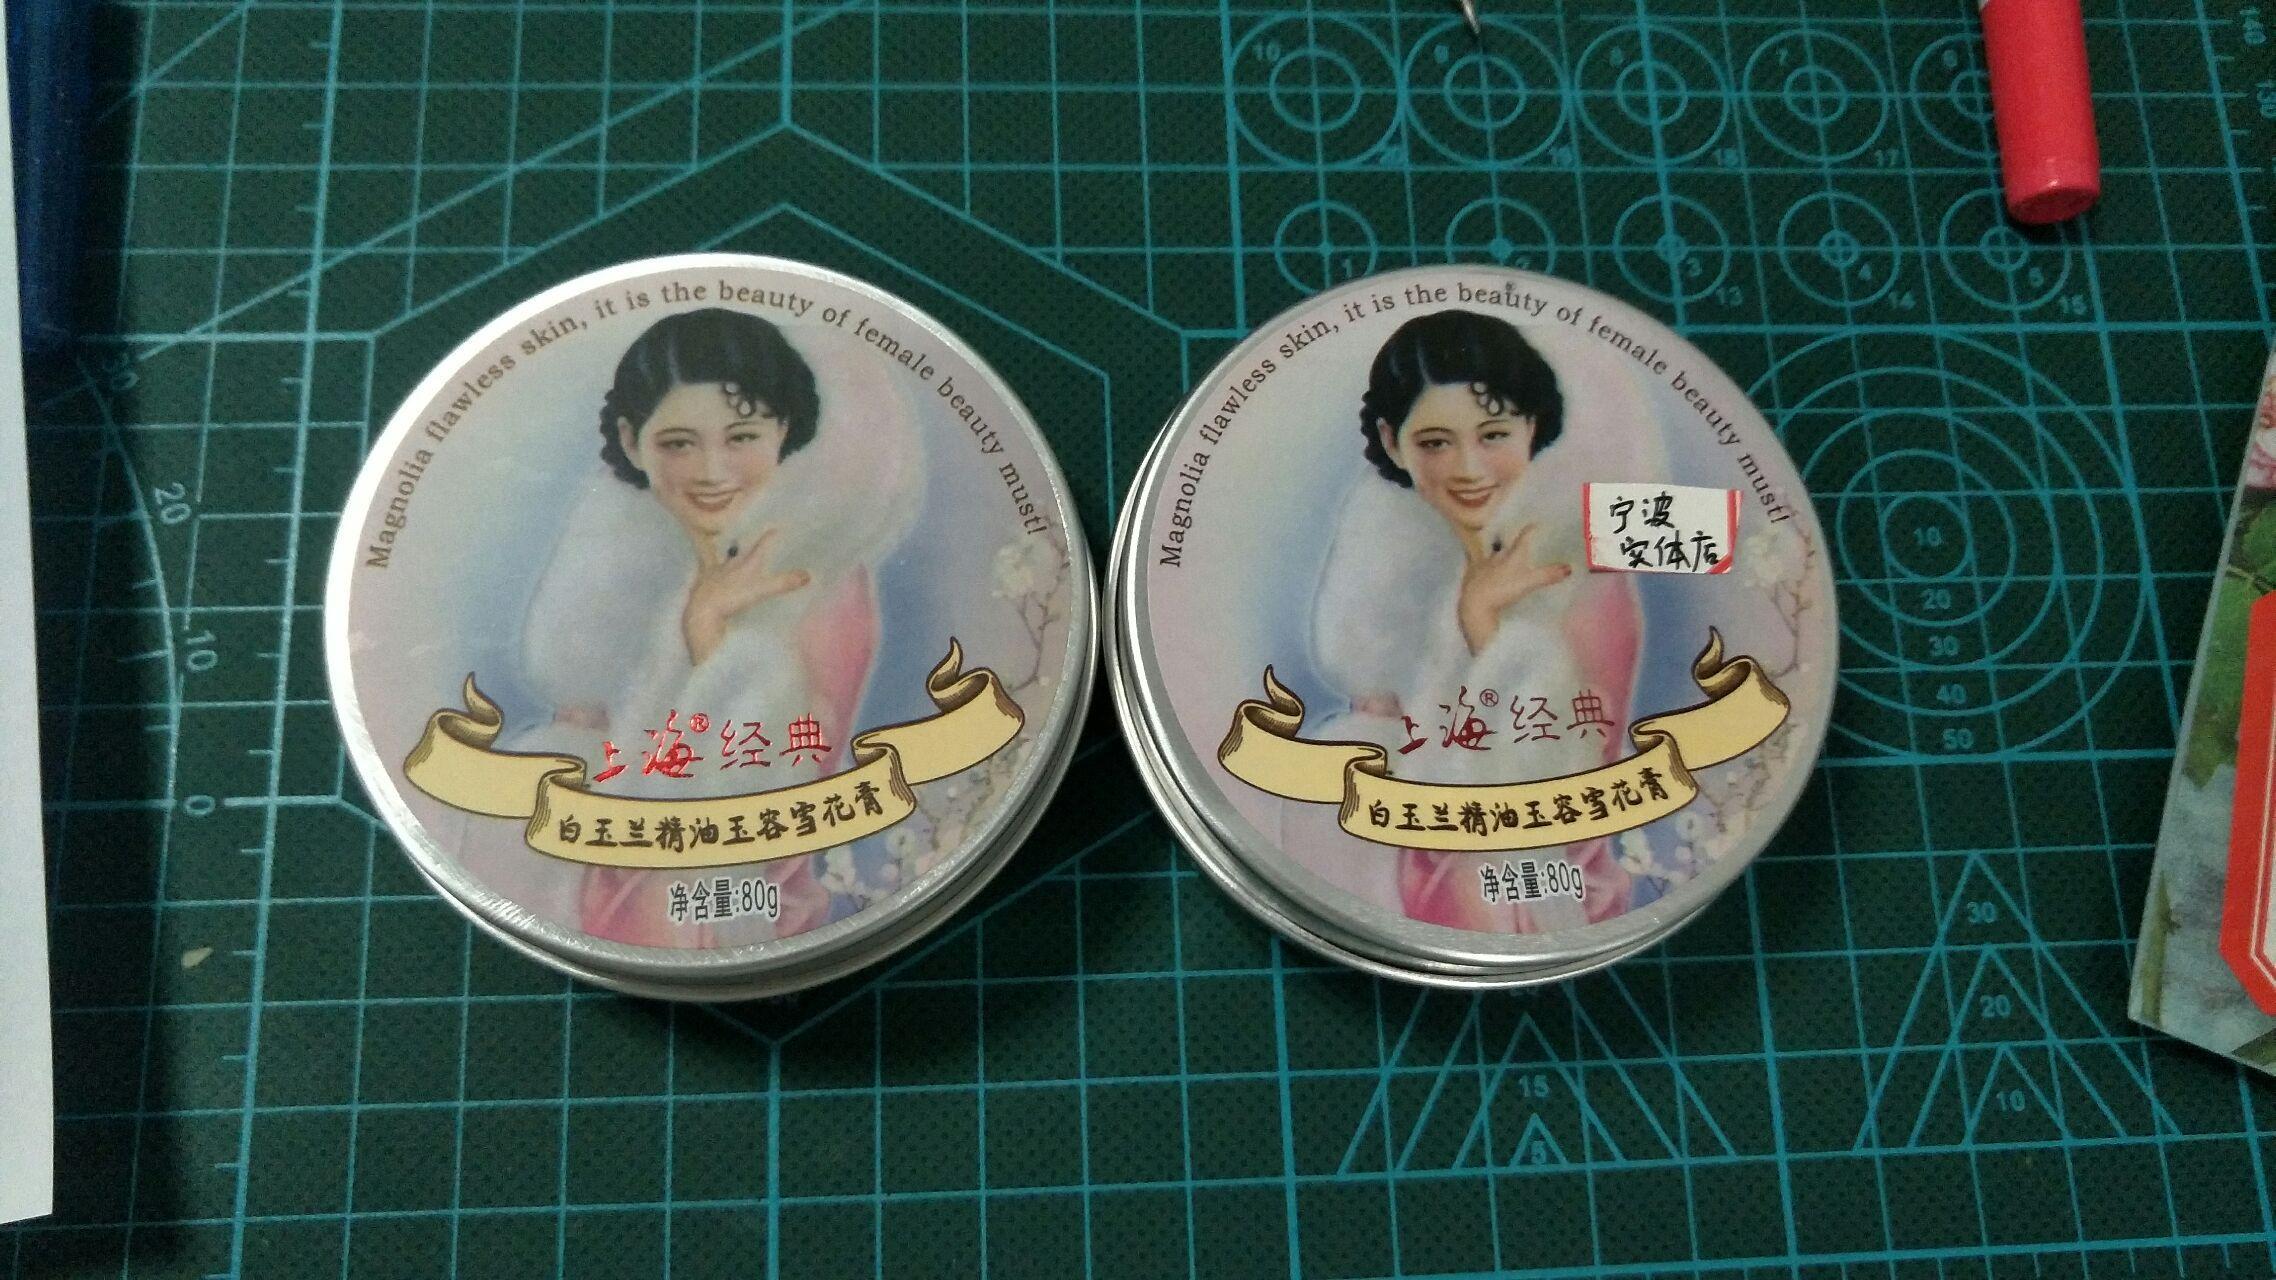 上海女人护肤品_说说上海女人这个品牌的护肤品如何? - 知乎